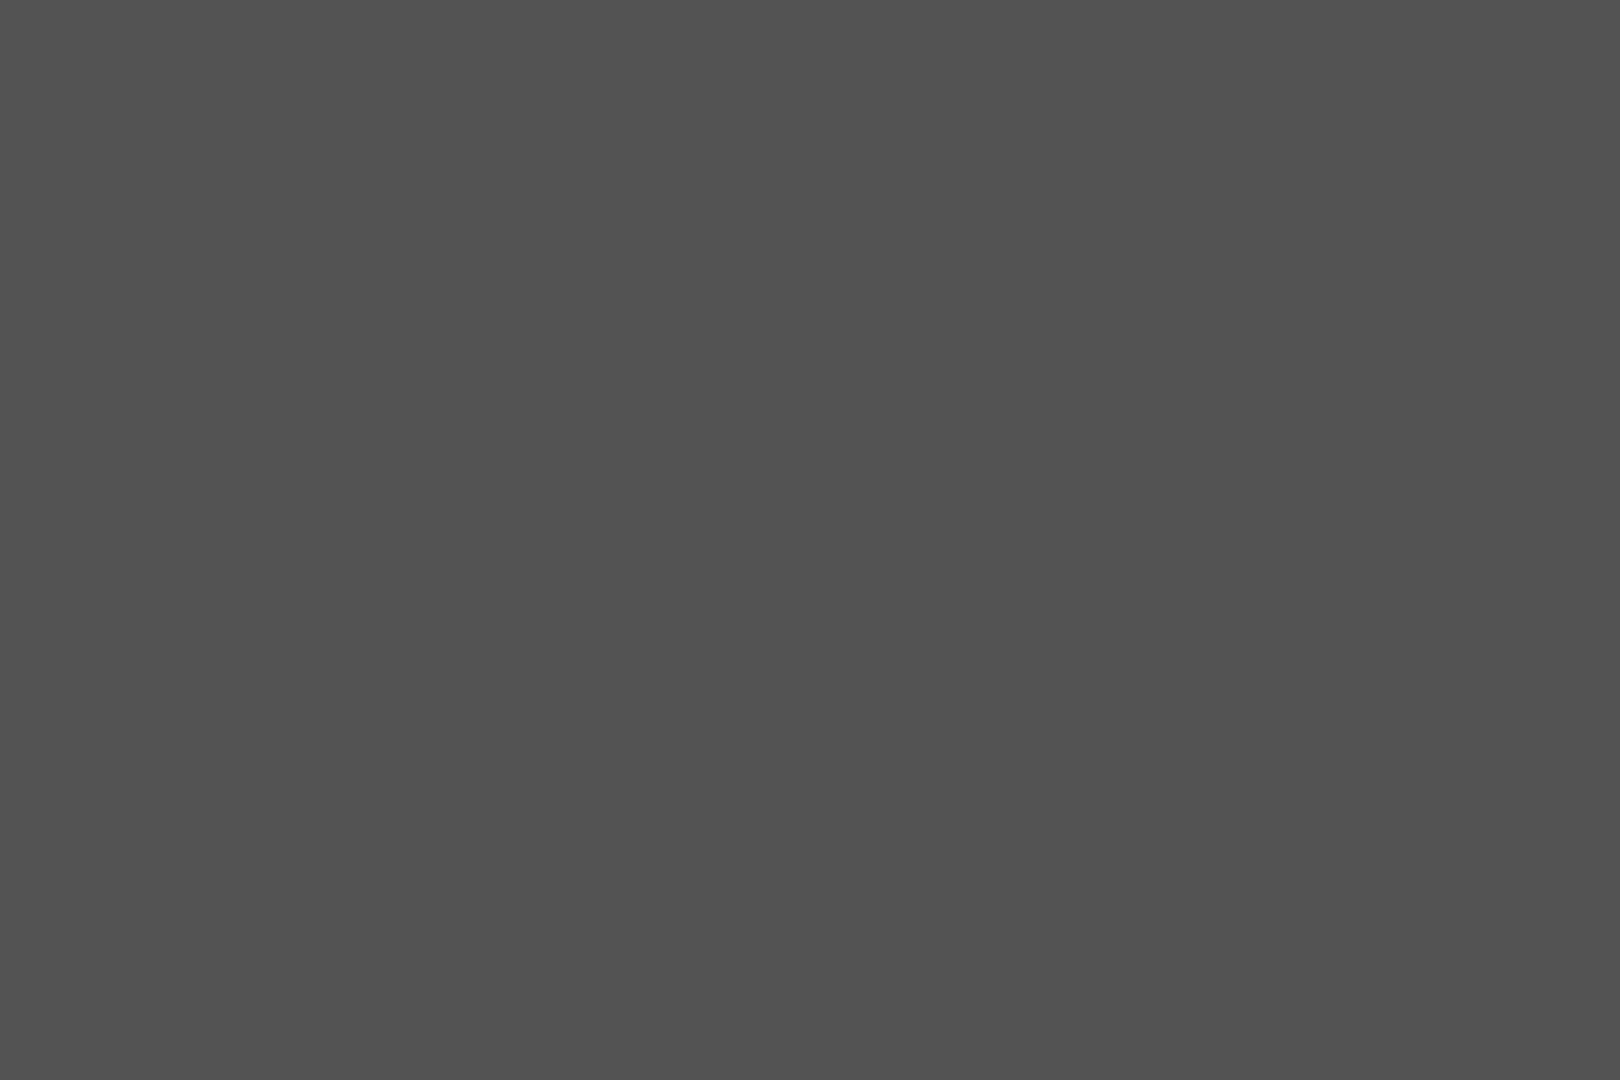 充血監督の深夜の運動会Vol.3 OLヌード天国   セックス  108PIX 57